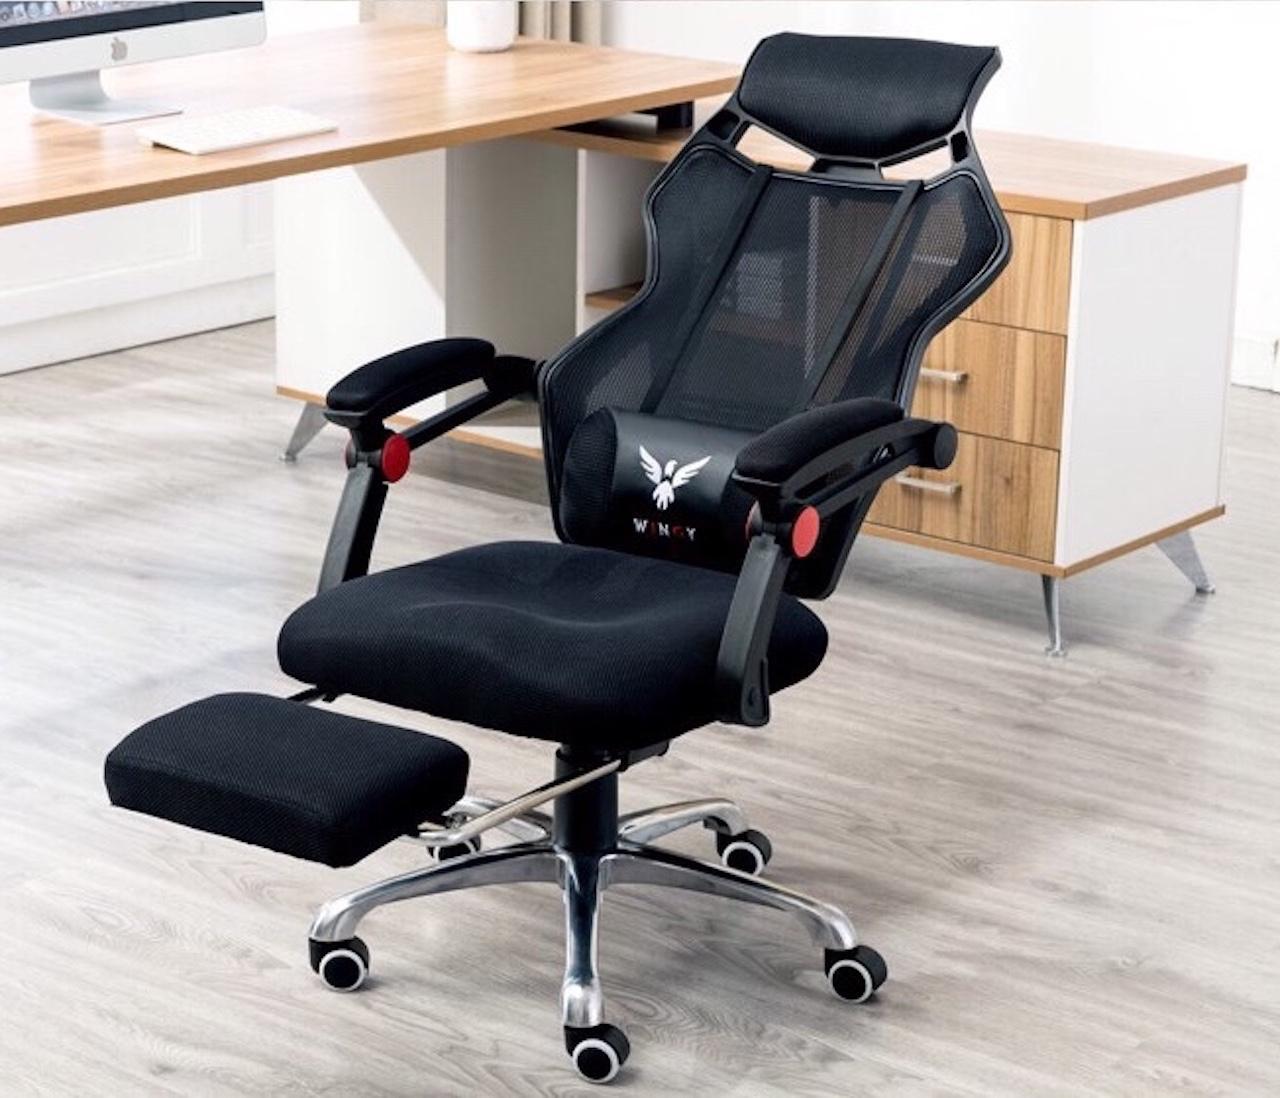 Ghế làm việc rung và ngả lưng thư giãn NT001 giá rẻ